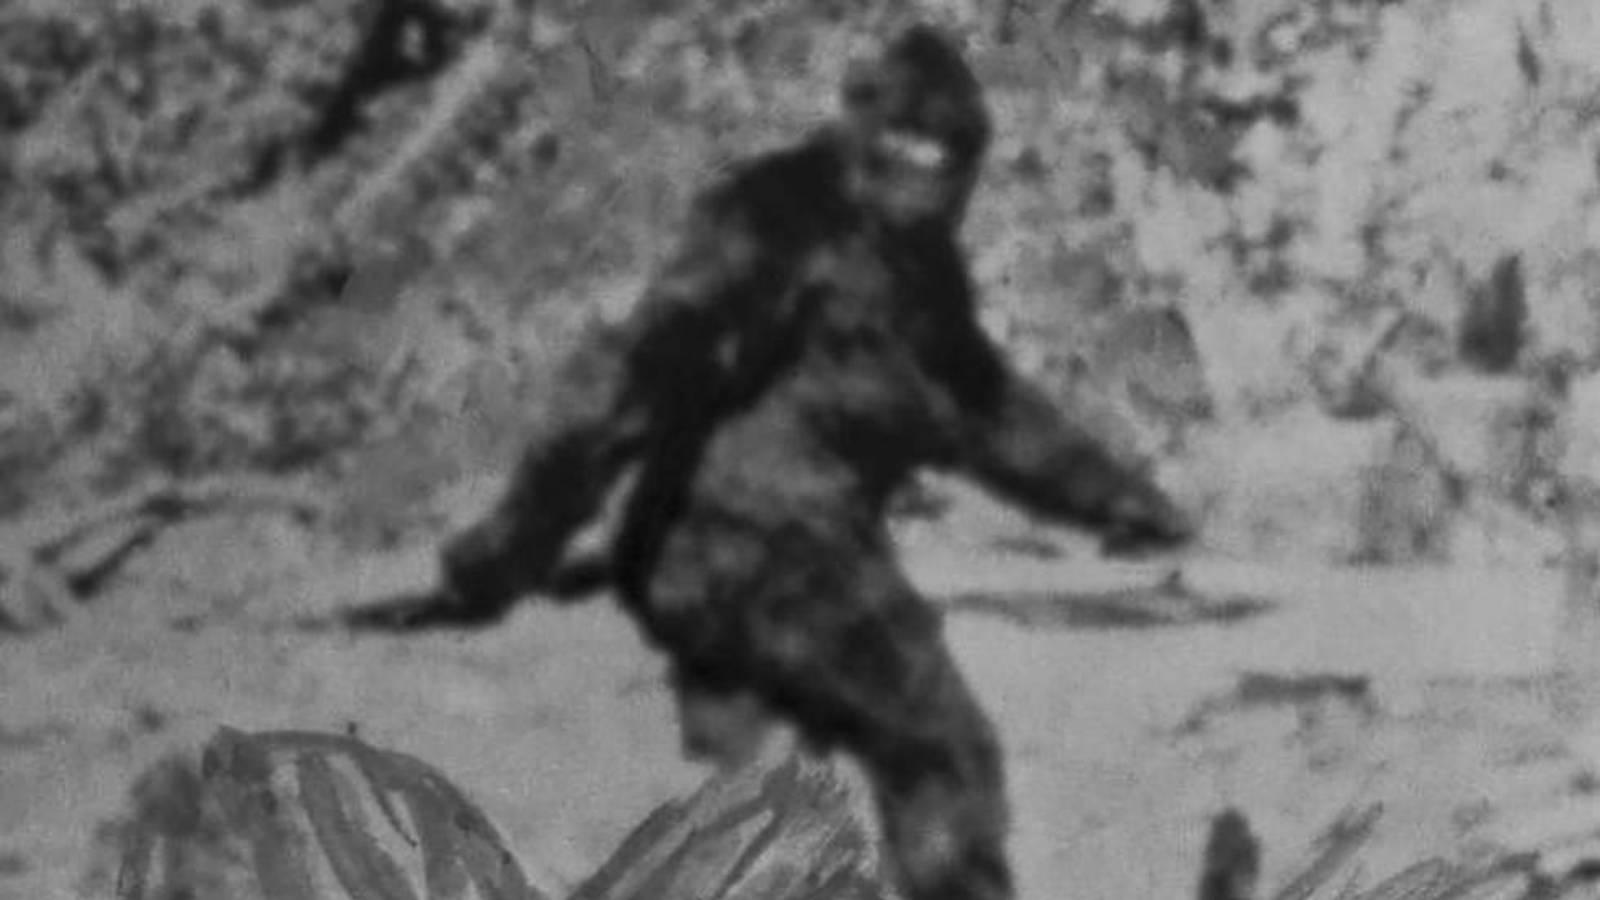 La extraña historia de nuestra búsqueda de Bigfoot